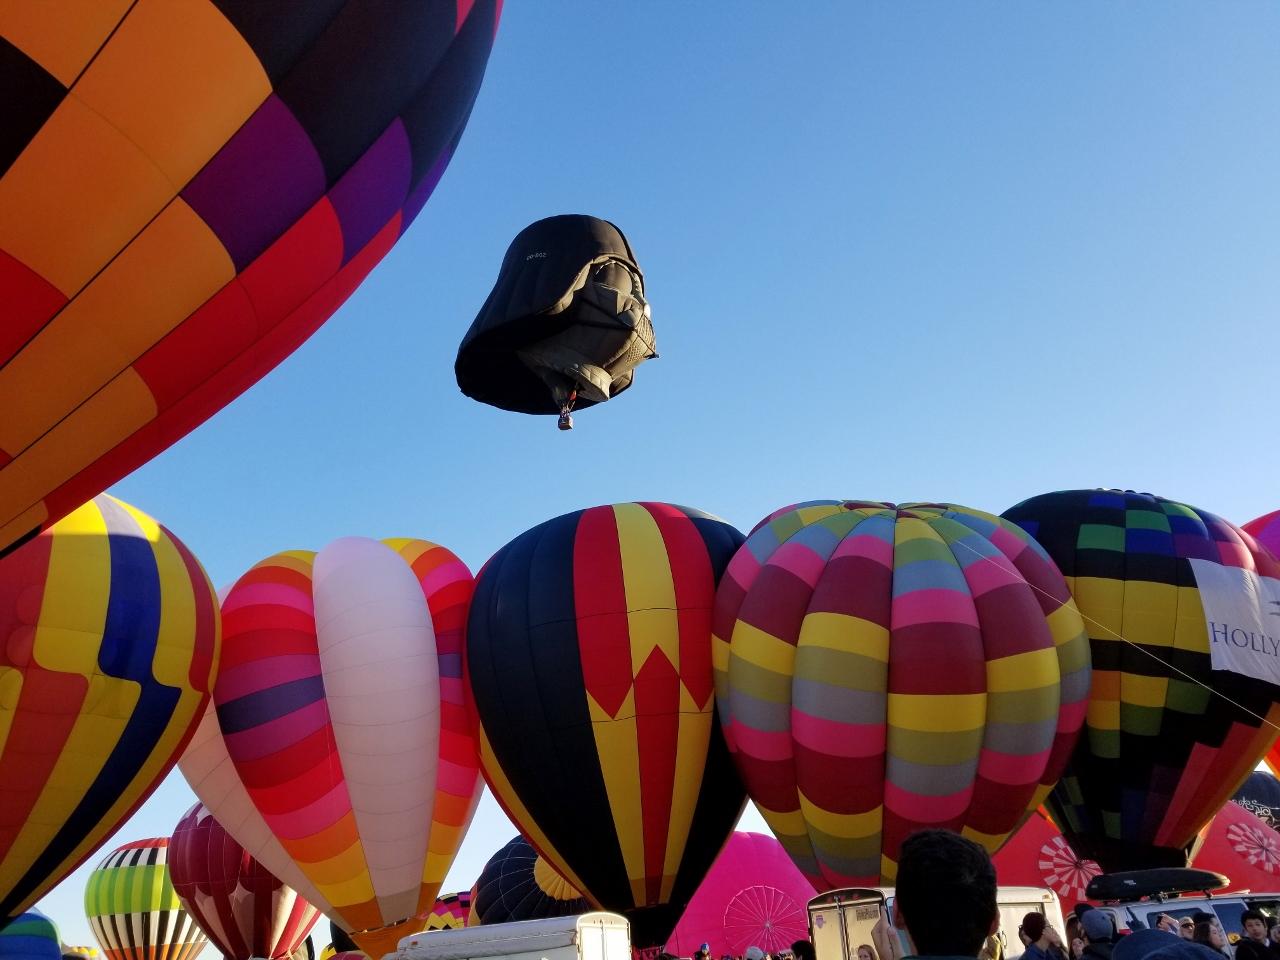 Darth Vader balloon at the Fiesta